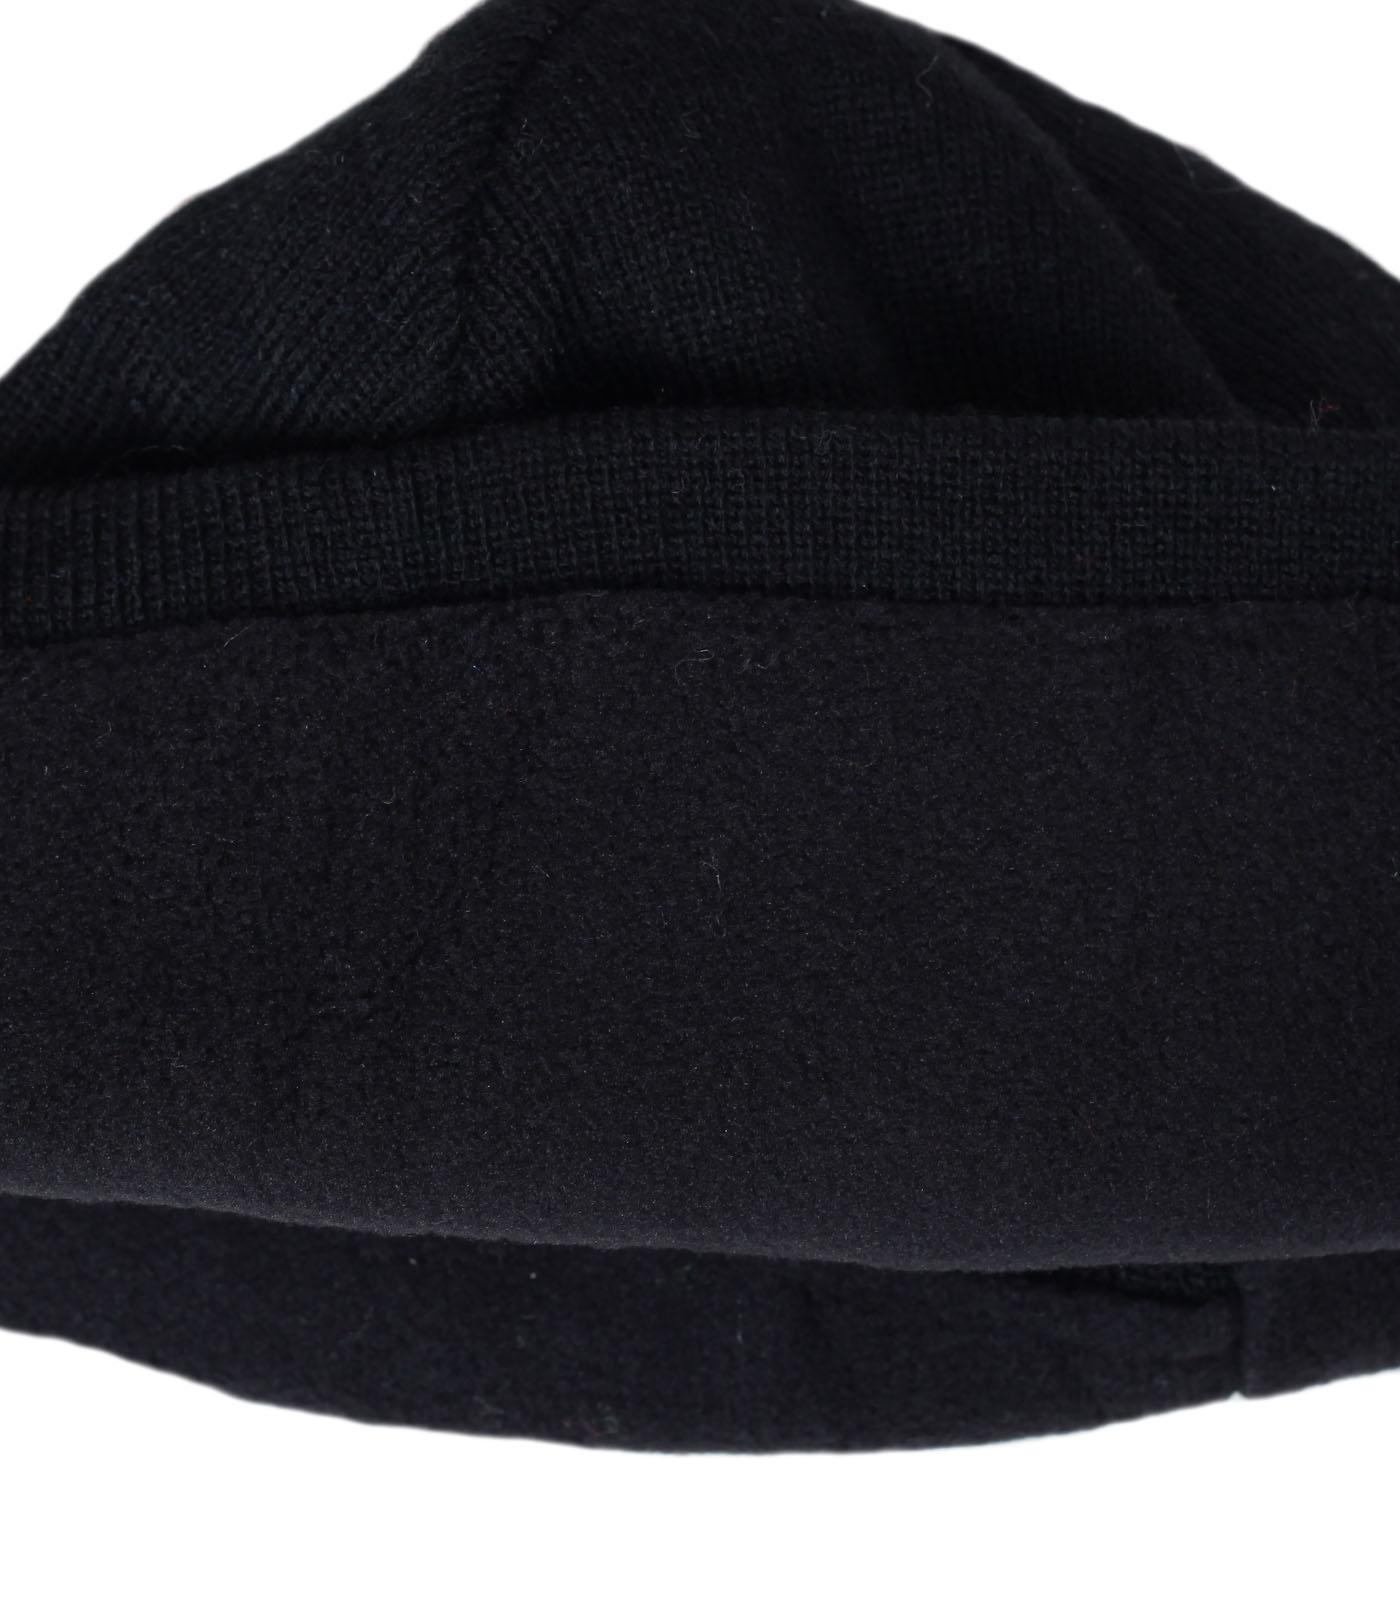 Фирменная мужская шапка CTC на флисе. Очень теплая модель на все случаи жизни